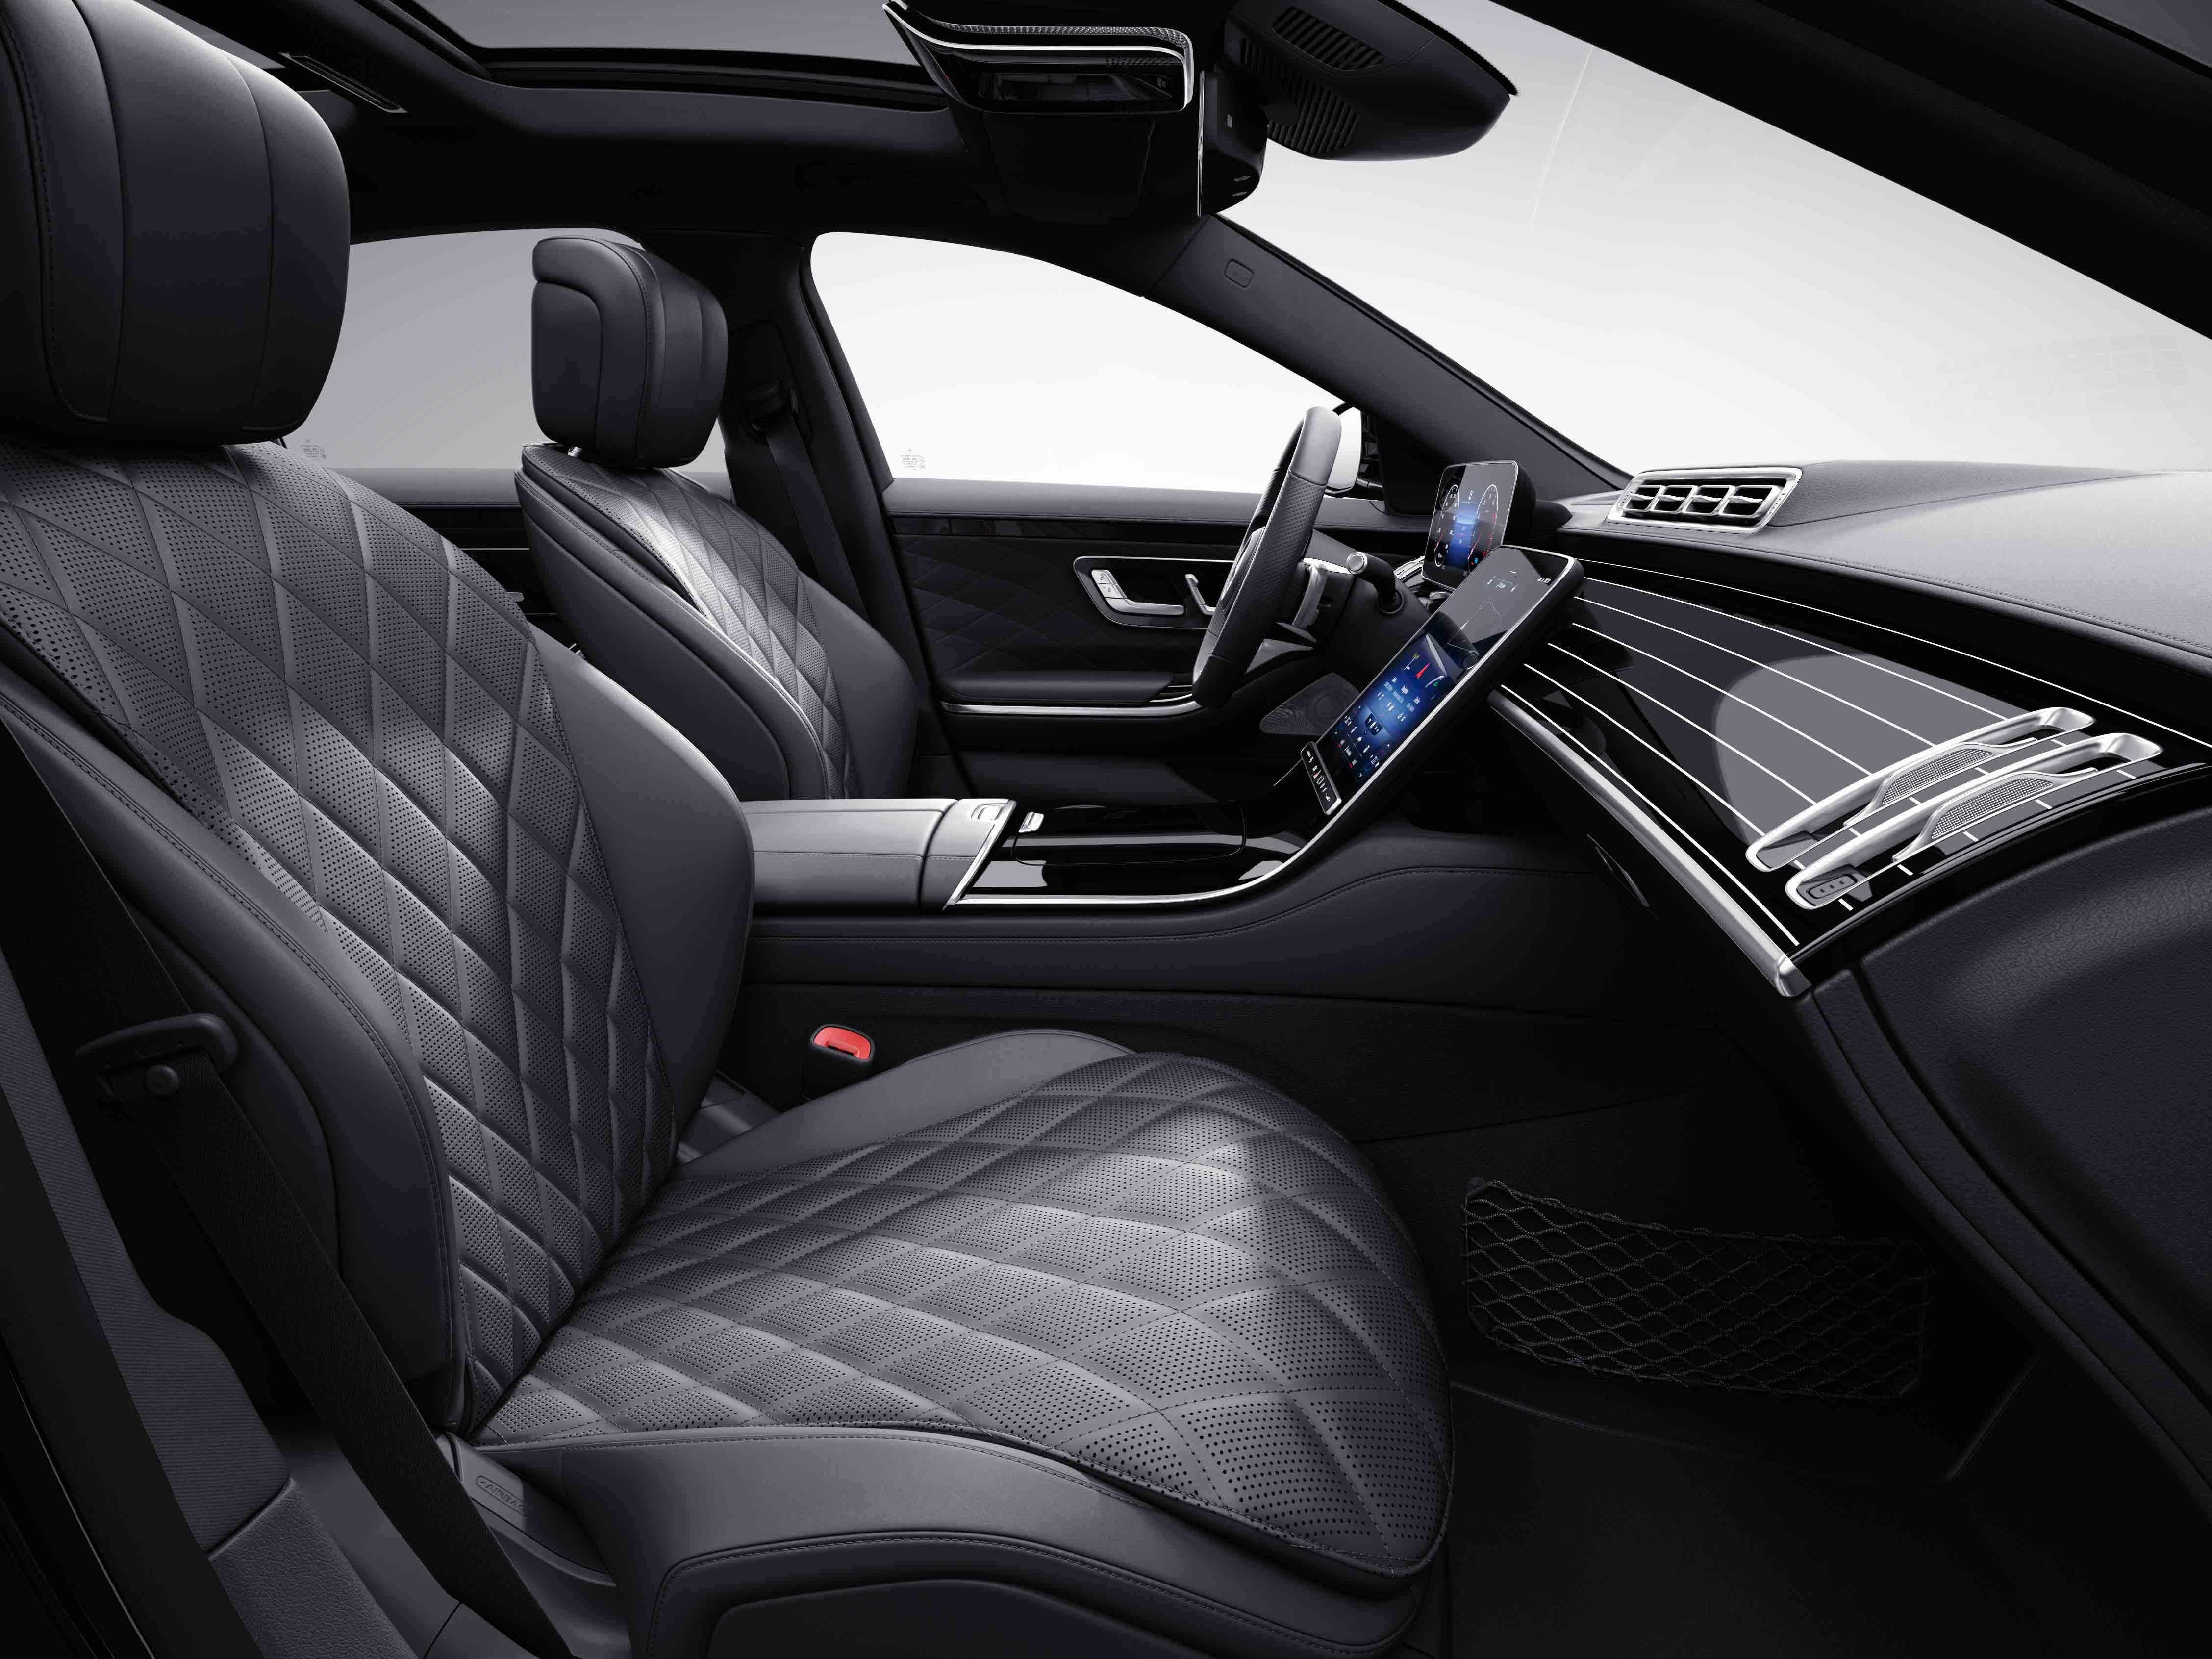 Habitacle de la Mercedes Classe S Limousine avec une sellerie cuir Nappa noir